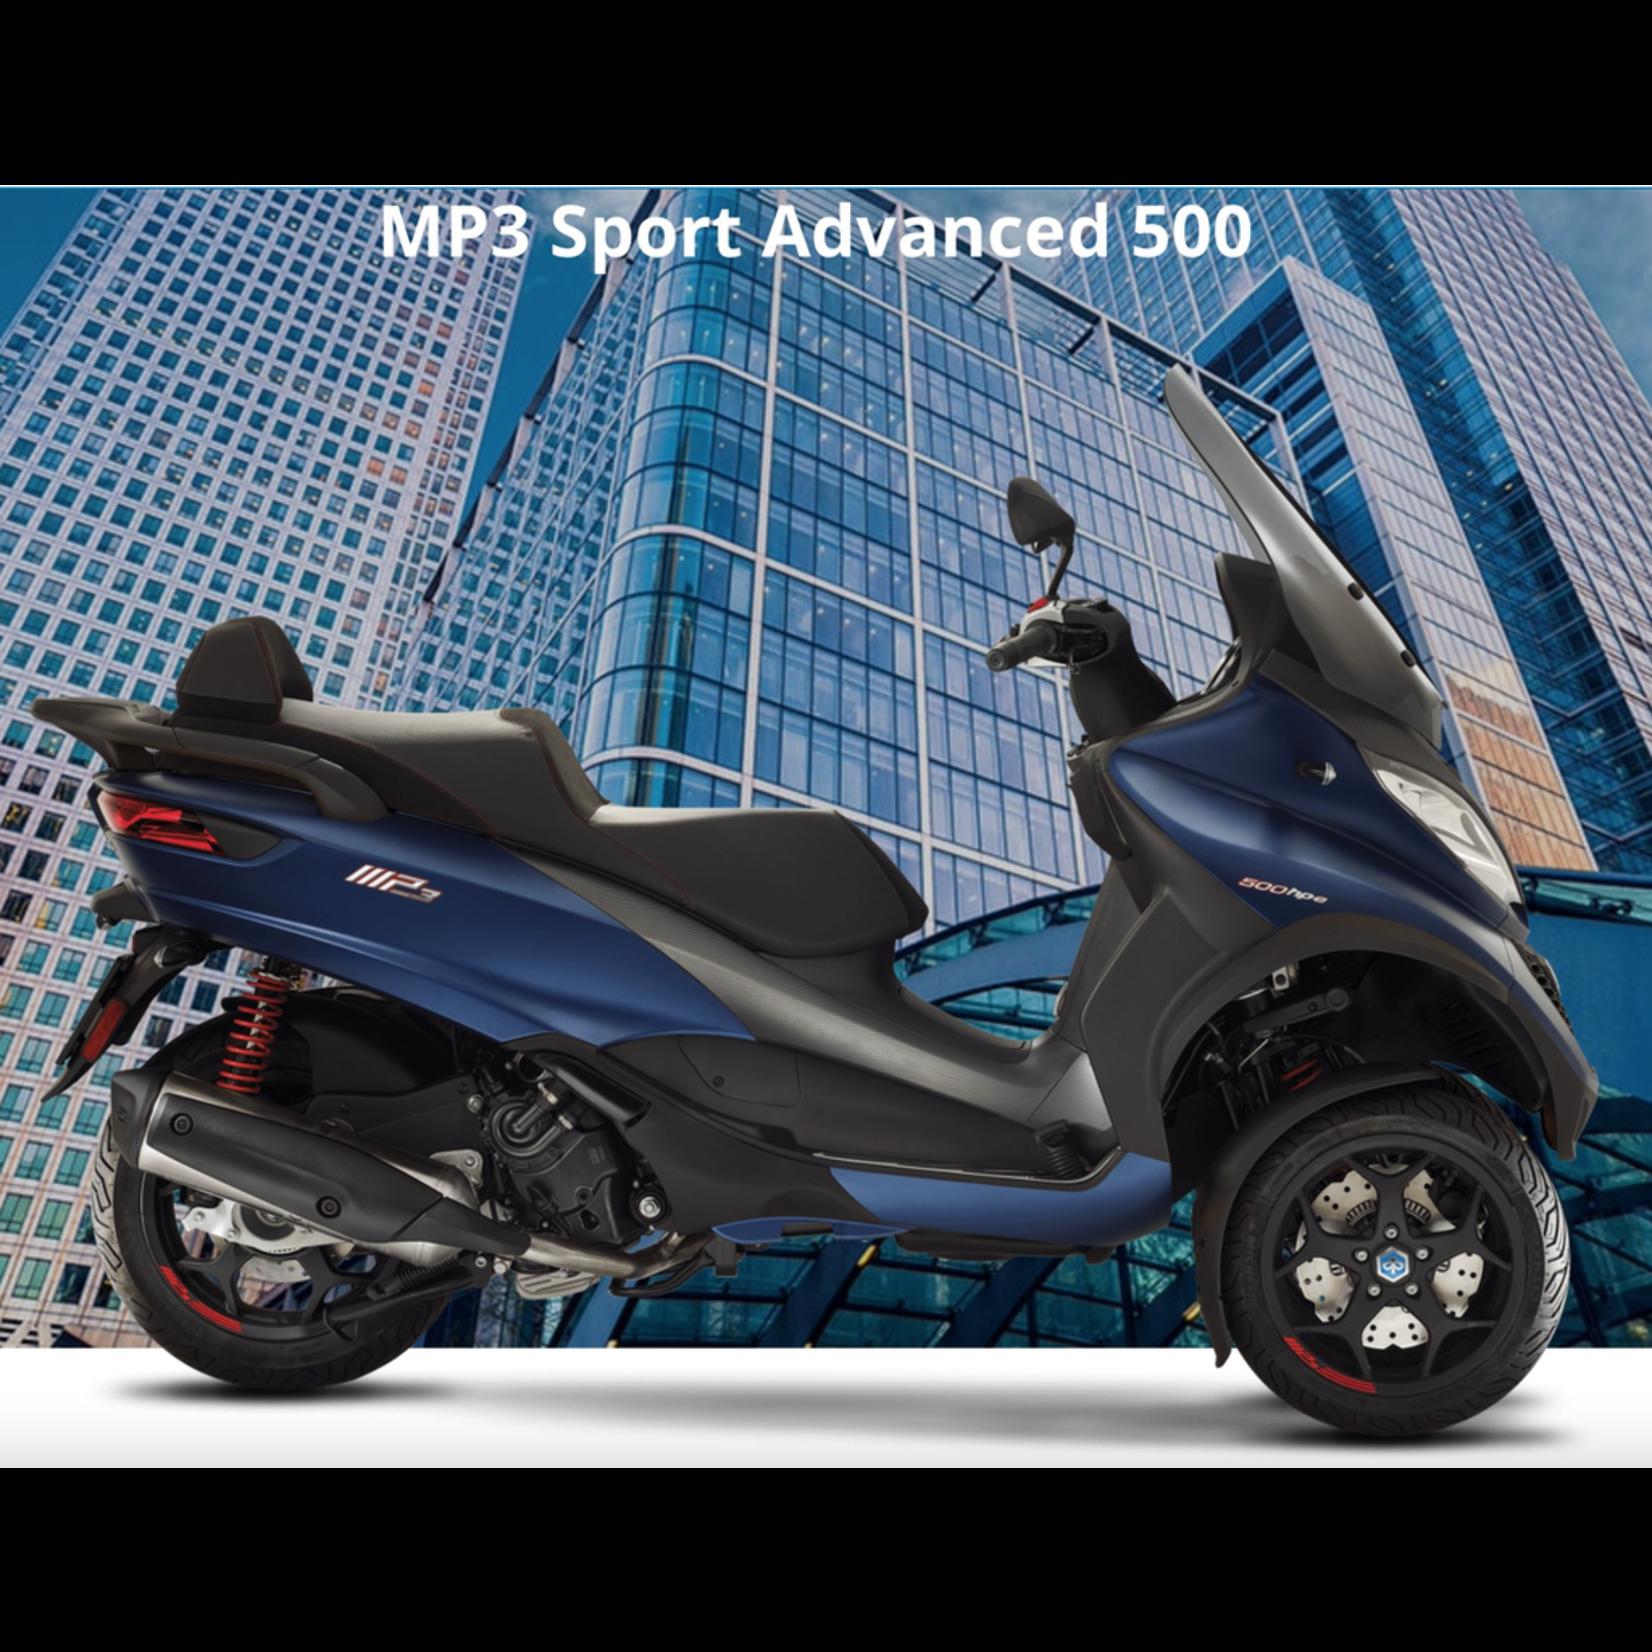 Vehicles Piaggio, 2021 MP3-500 HPE Sport Advanced Blue